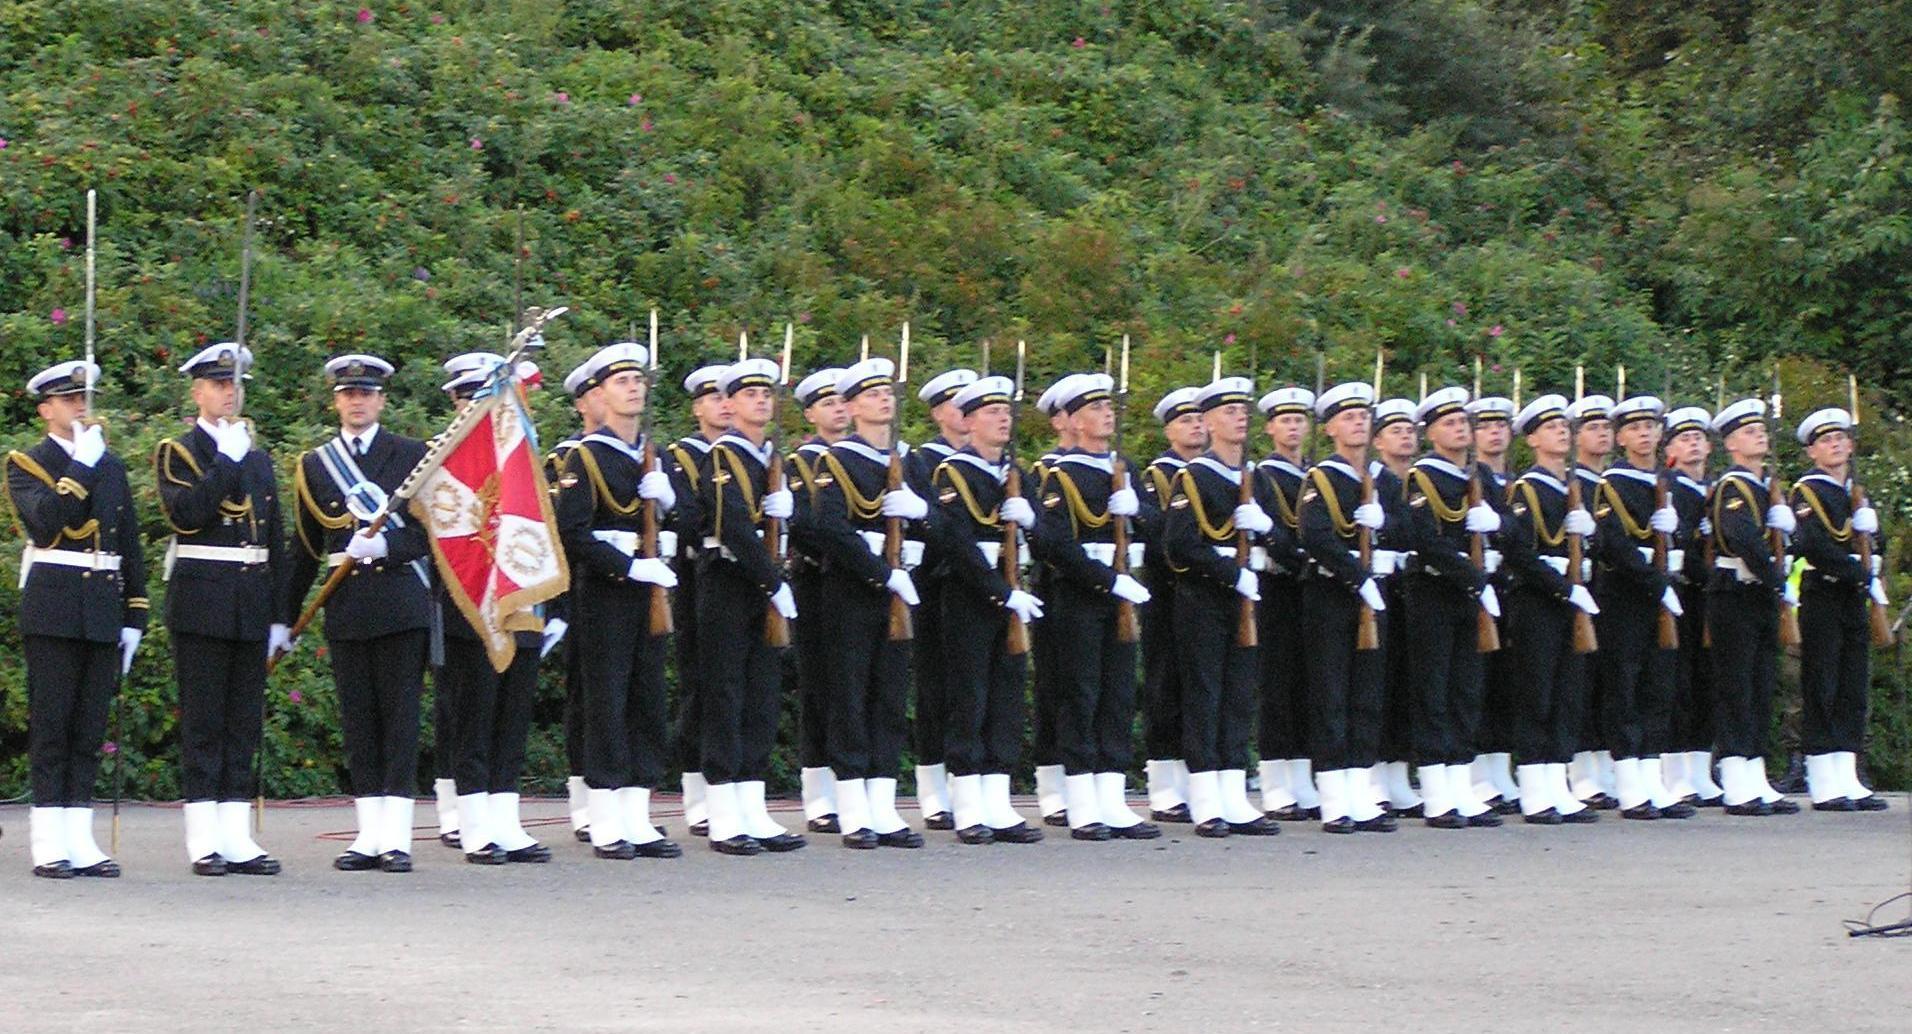 Taśma dystynkcyjna jest jednym z elementów pomagających odróżniać poszczególne stopnie wojskowe.